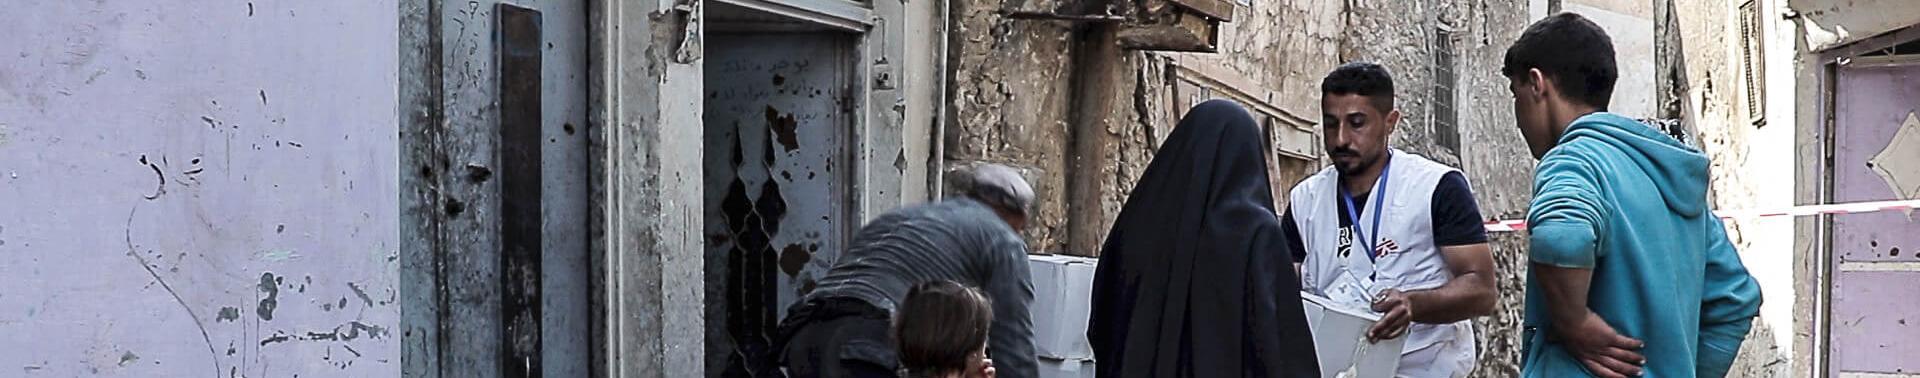 Moradores de Mossul têm necessidades urgentes